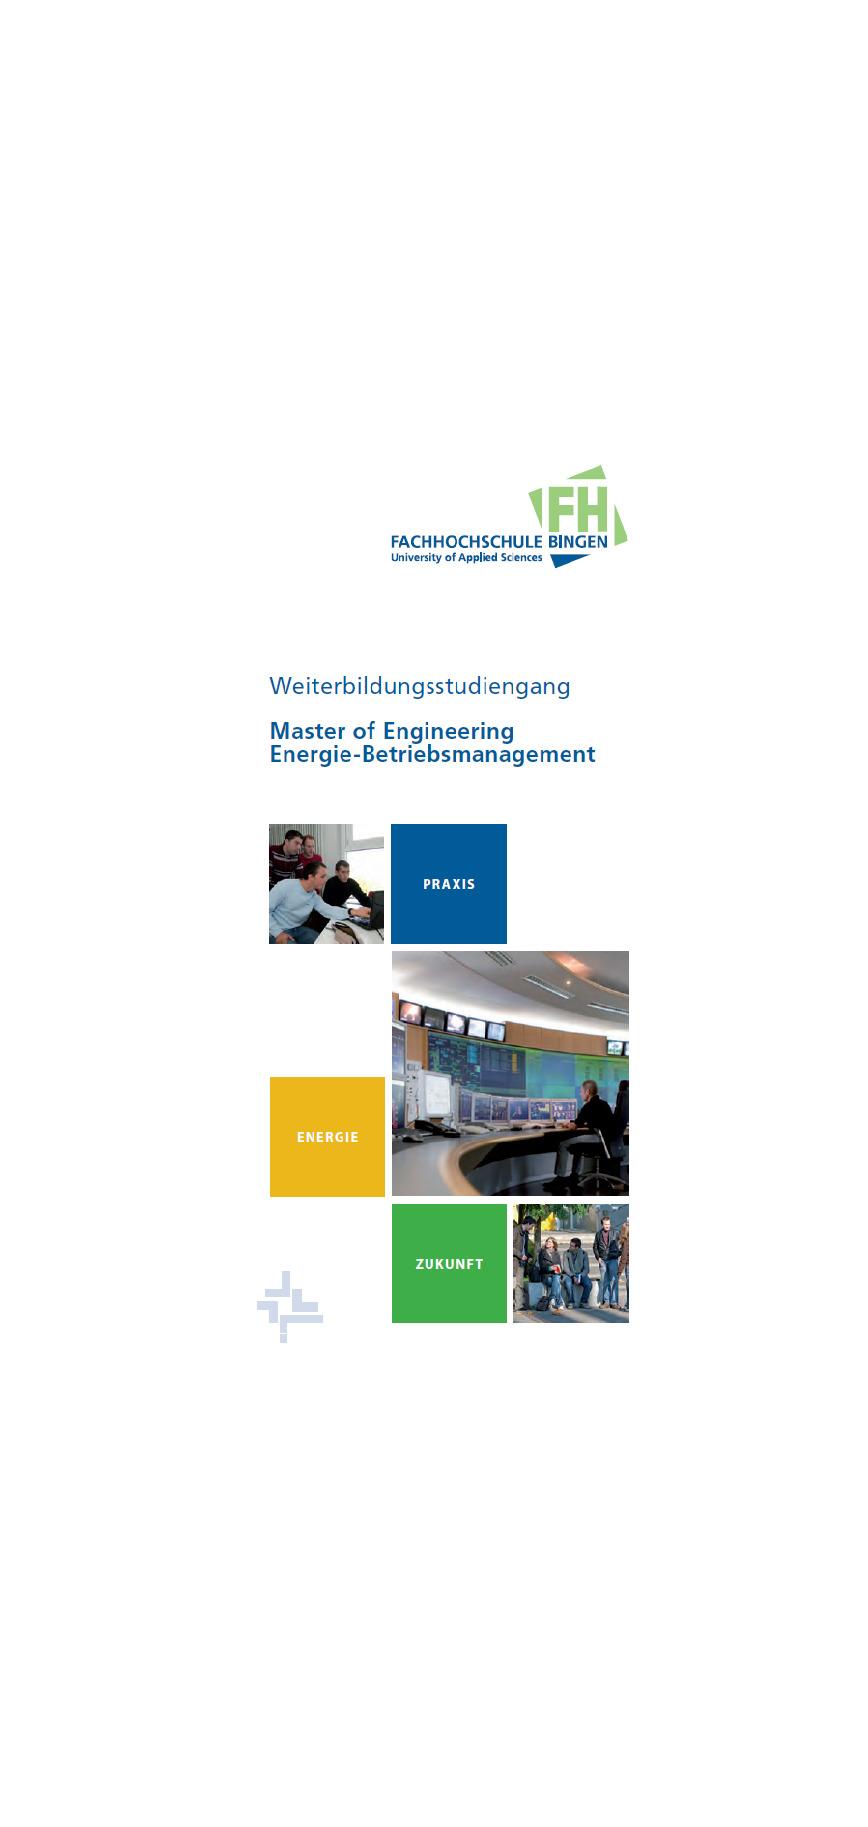 Logo Energie-Betriebsmanagement  M. Eng.